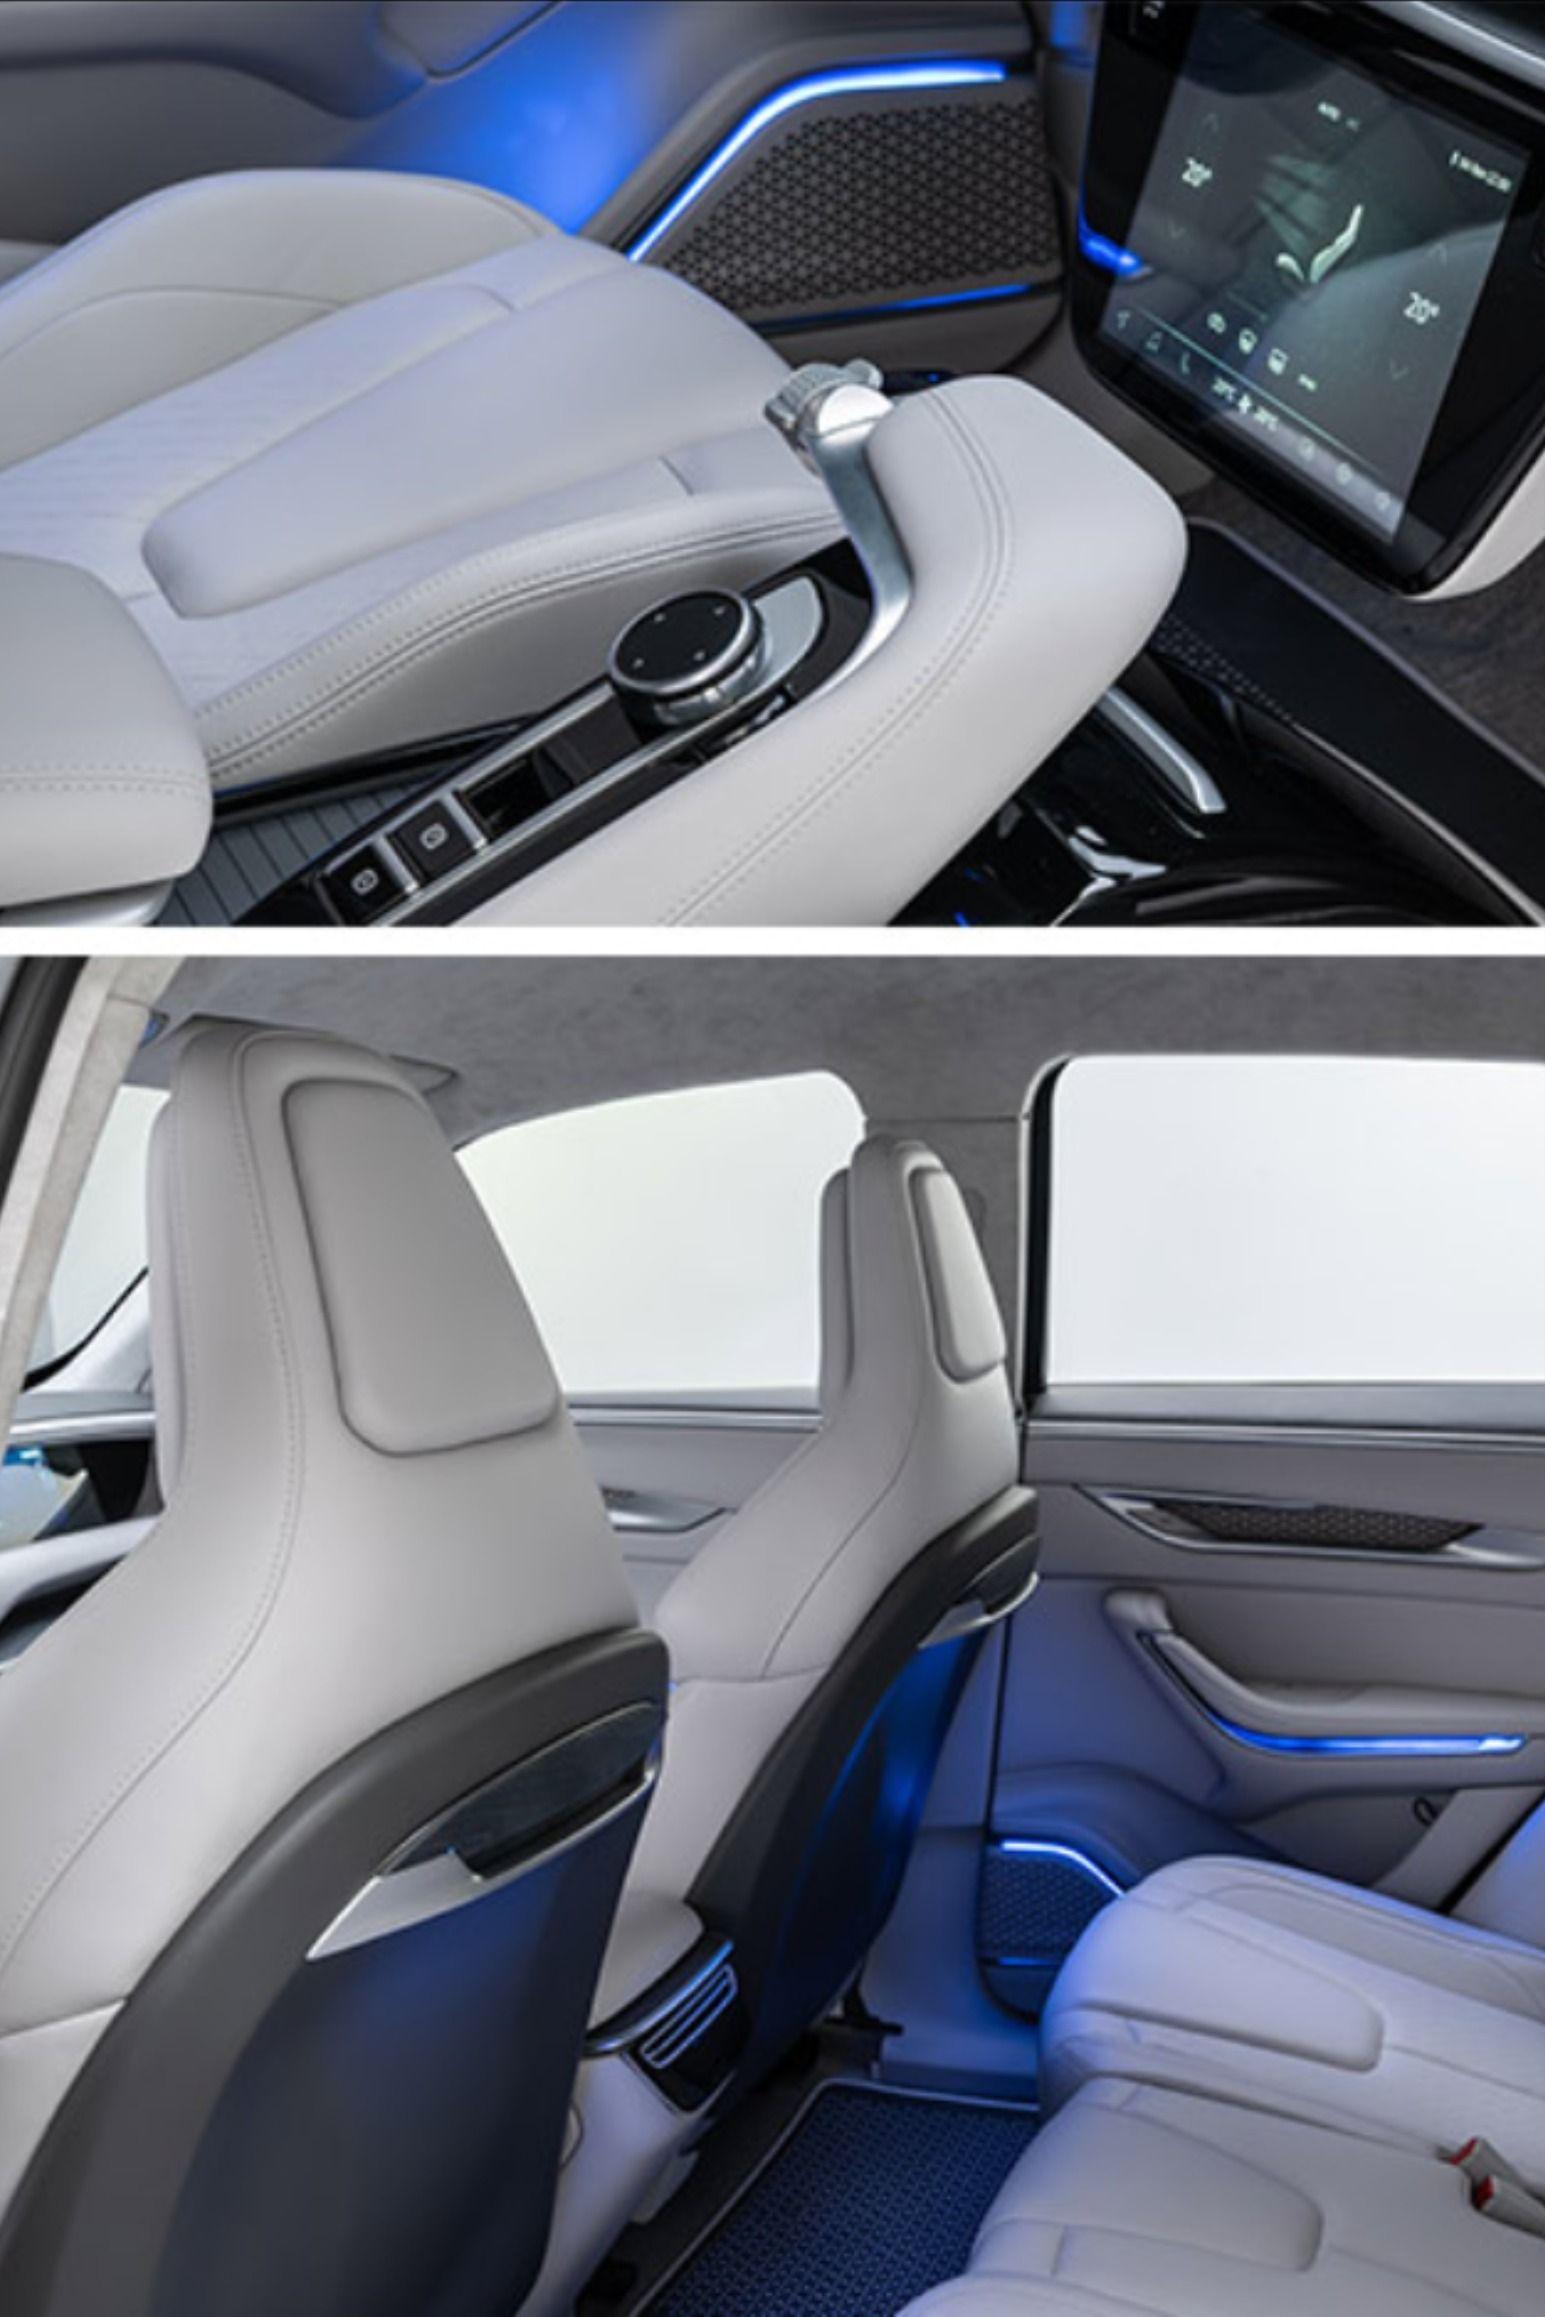 Turkey S First Domestic Automobile Interior Design In 2020 Automobile Interior Design Transportation Design Car Seats